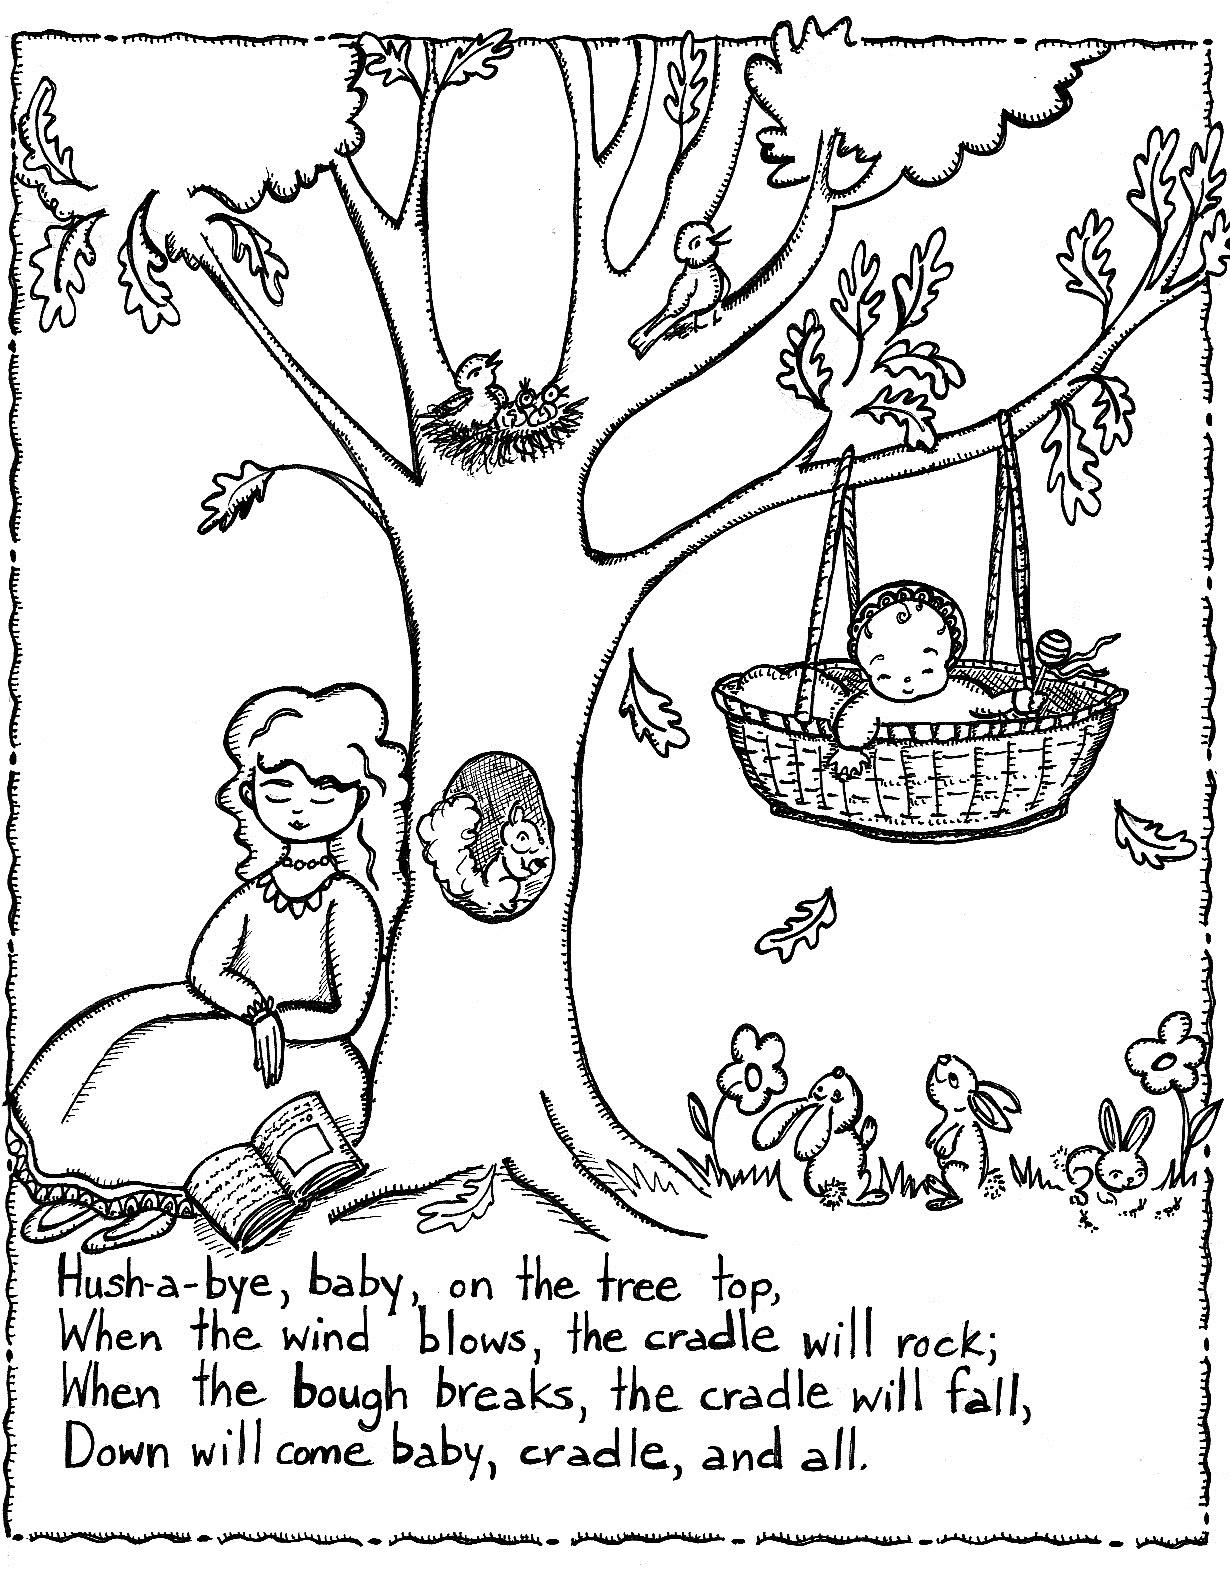 Free Printable Nursery Rhymes Coloring Pages For Kids - Free Printable Nursery Rhyme Coloring Pages